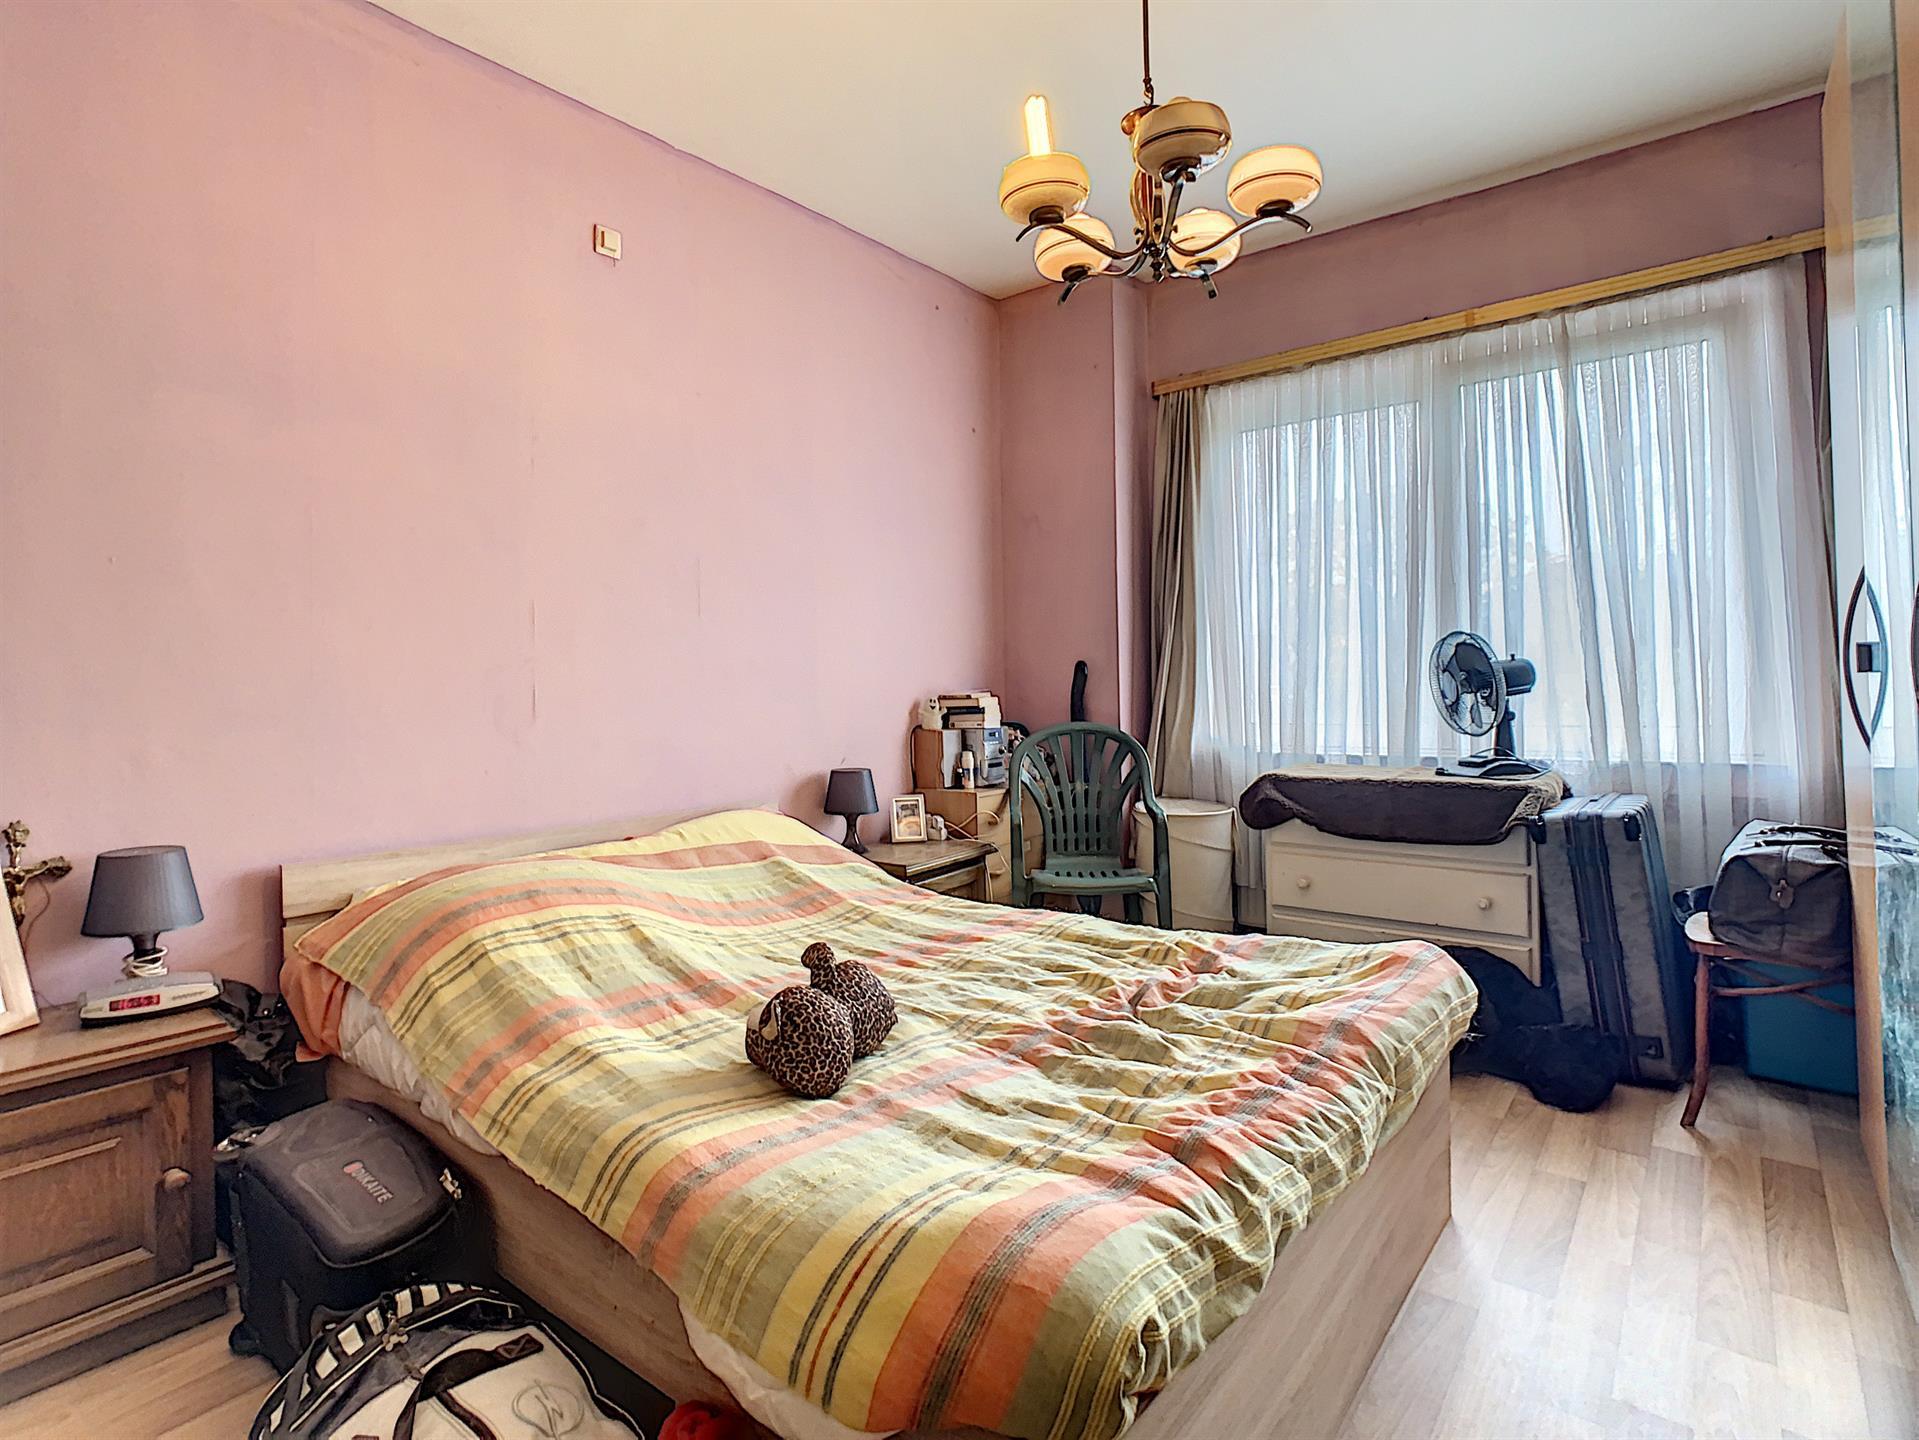 Appartement avec jardin - Anderlecht - #4449037-5